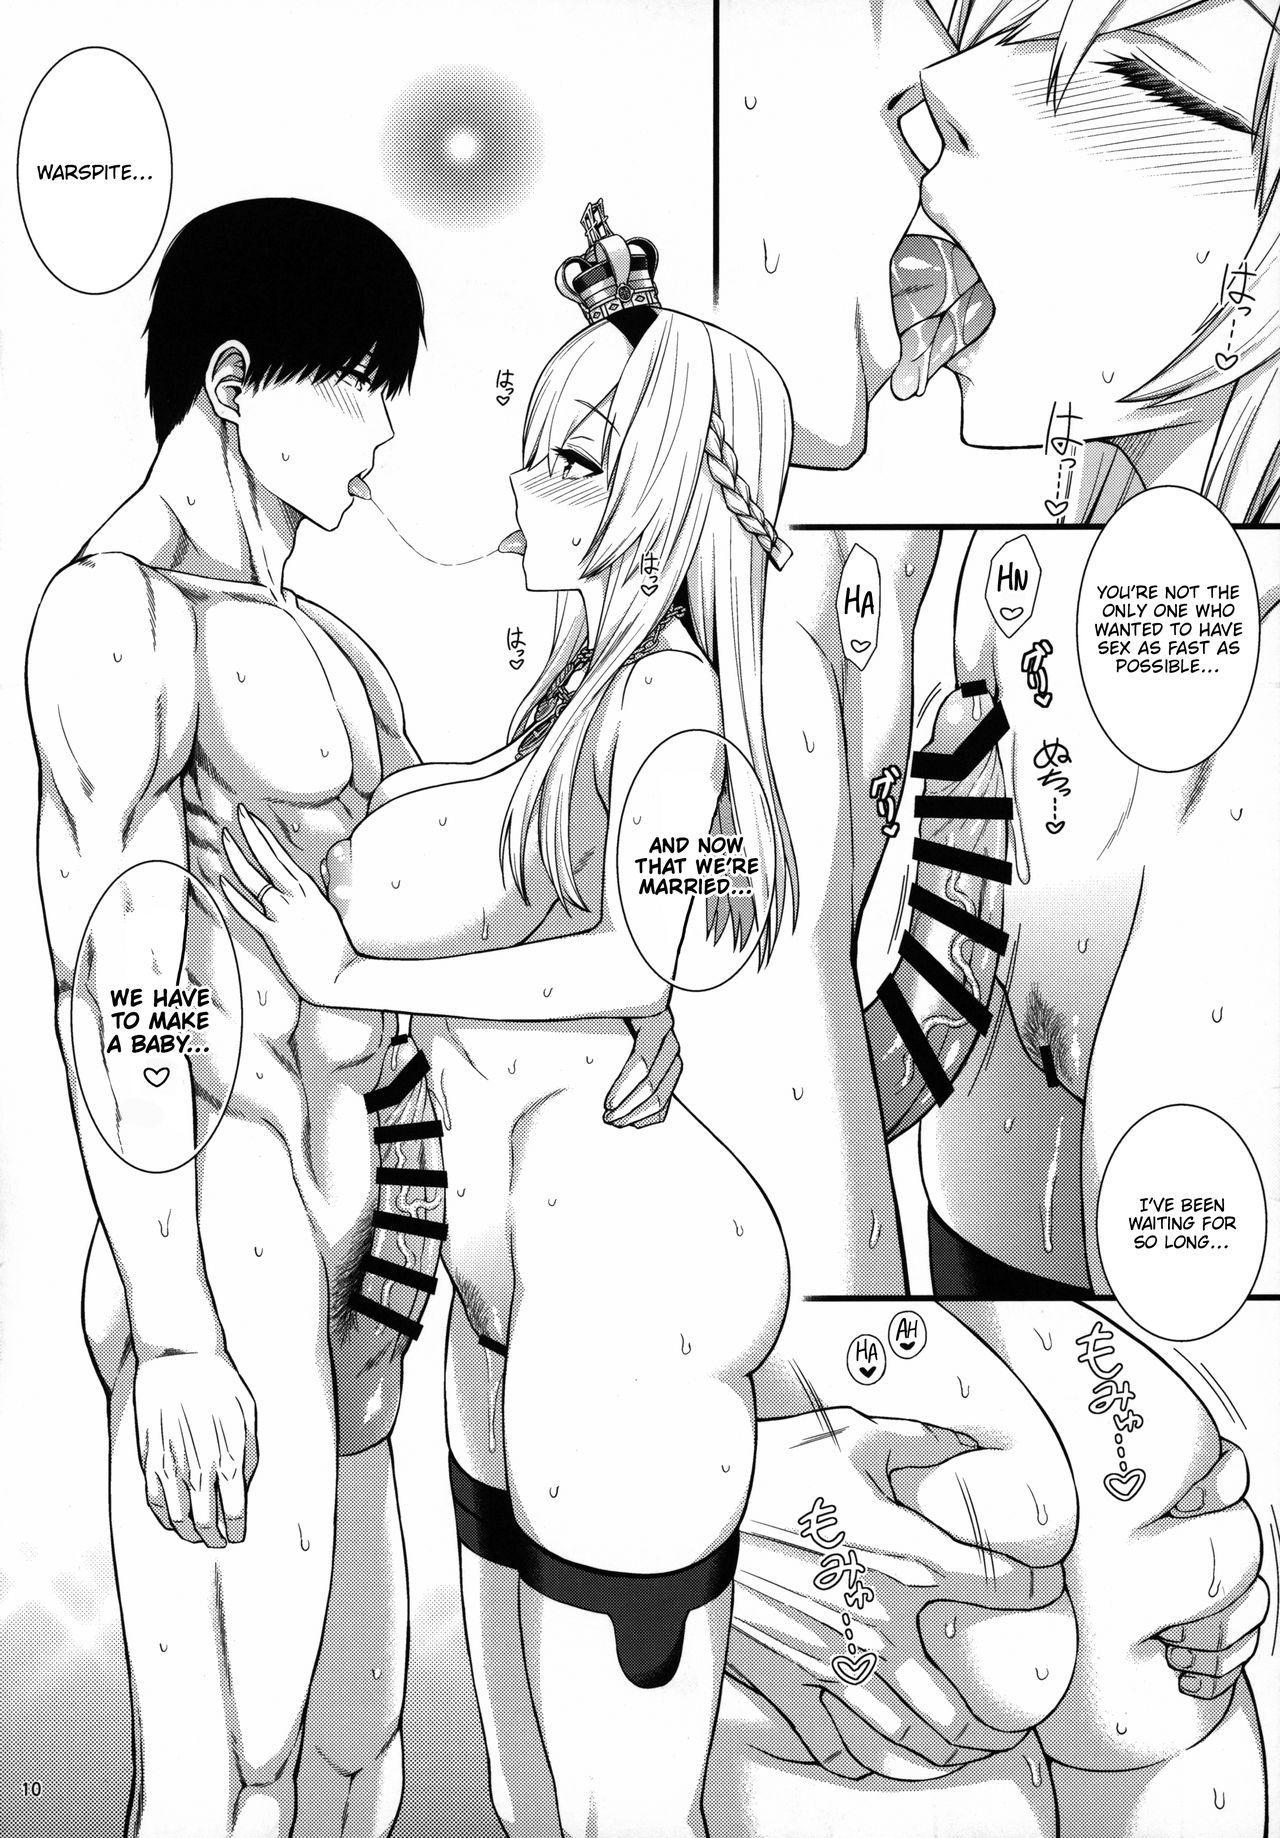 War-sama wa Seiyoku ga Tsuyoi.   Her Majesty Warspite has a strong sex drive. 10